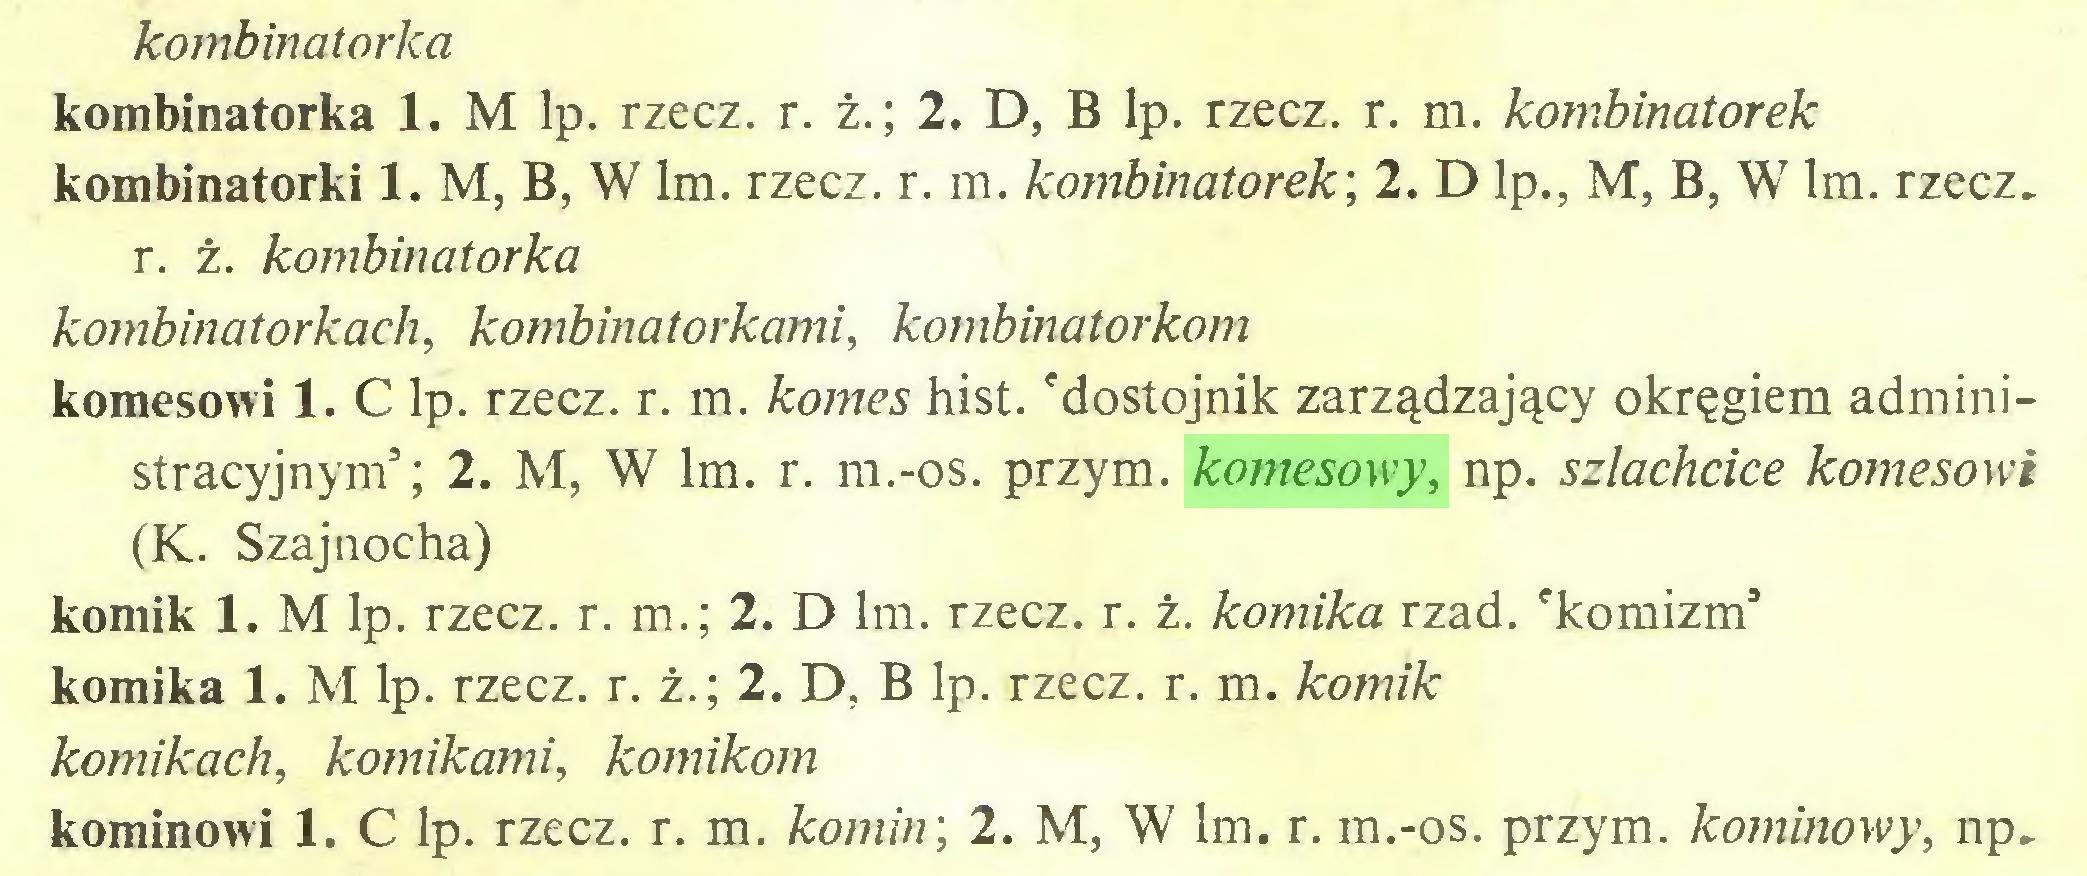 (...) kombinatorłca kombinatorka 1. M lp. rzecz. r. ż.; 2. D, B lp. rzecz. r. m. kombinatorek kombinatorki 1. M, B, W lm. rzecz. r. m. kombinatorek', 2. D lp., M, B, W lm. rzecz, r. ż. kombinatorka kombinatorkaeh, kombinat orkami, kombinatorkom komesowi 1. C lp. rzecz. r. m. komes hist. 'dostojnik zarządzający okręgiem administracyjnym5; 2. M, W lm. r. m.-os. przym. komesowy, np. szlachcice komesowi (K. Szajnocha) komik 1. M lp. rzecz. r. m.; 2. D lm. rzecz. r. ż. komika rząd. 'komizm5 komika 1. M lp. rzecz. r. ż.; 2. D. B lp. rzecz. r. m. komik komikach, komikami, komikom kominowi 1. C lp. rzecz. r. m. komin', 2. M, W lm. r. m.-os. przym. kominowy, np...